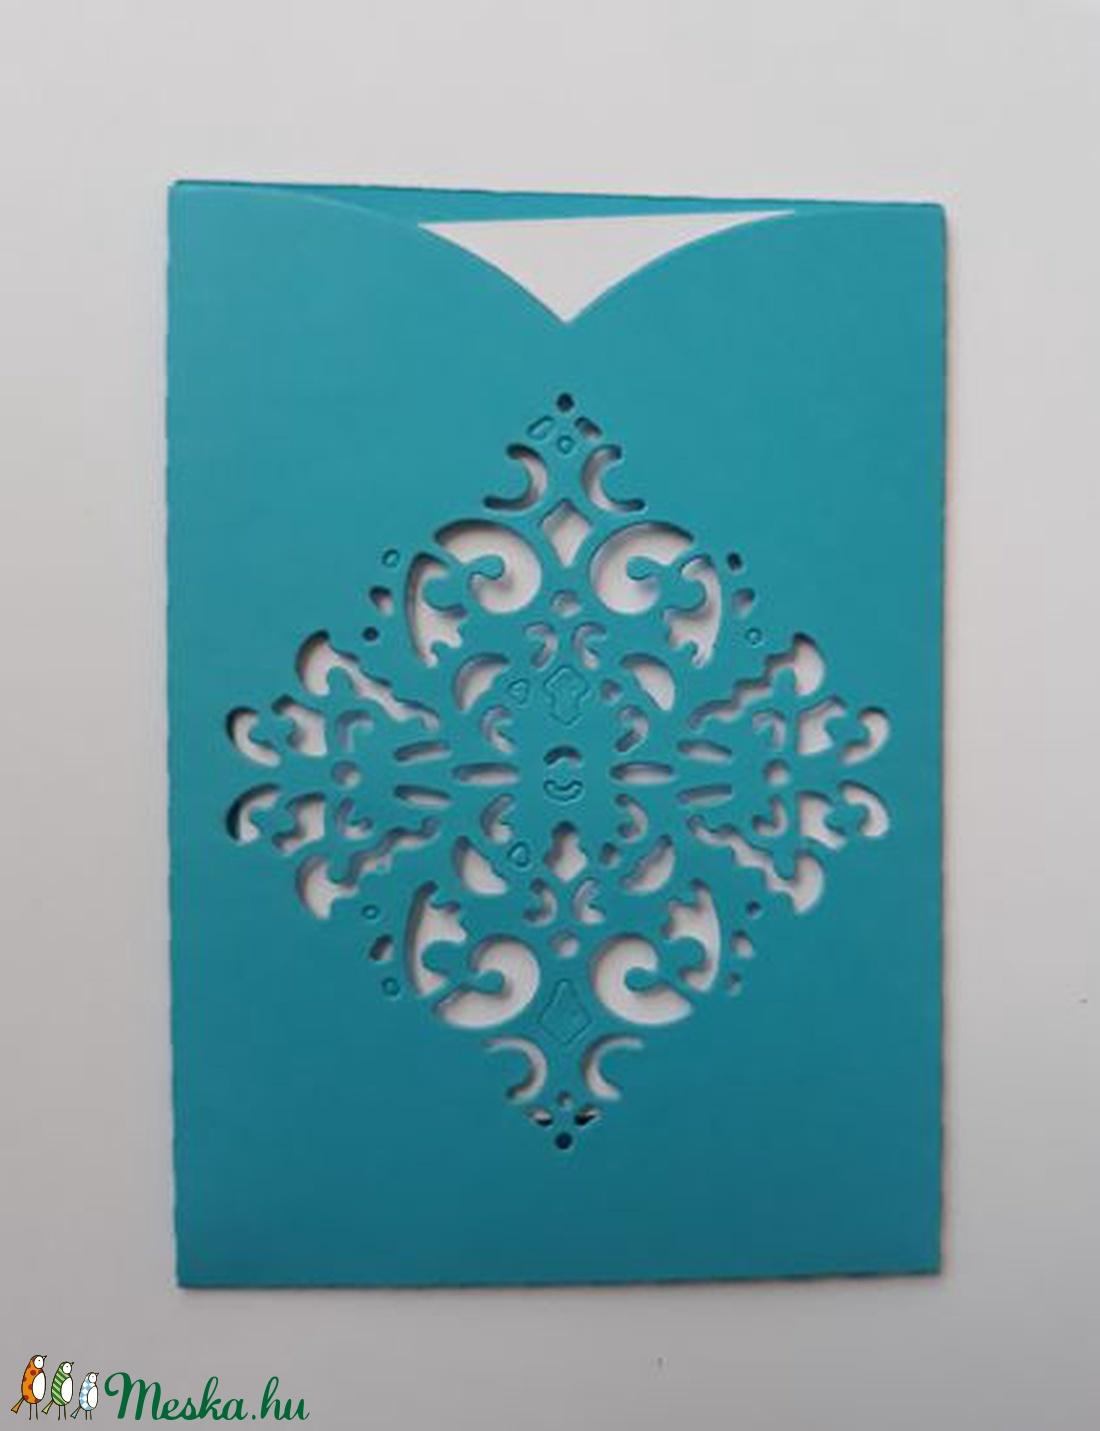 Kicsi csipkemintás, diszes ÉLÉNK KÉK boriték fehér üdvözlőkártyával,  PD 4 Scr 3c (OshiArt) - Meska.hu